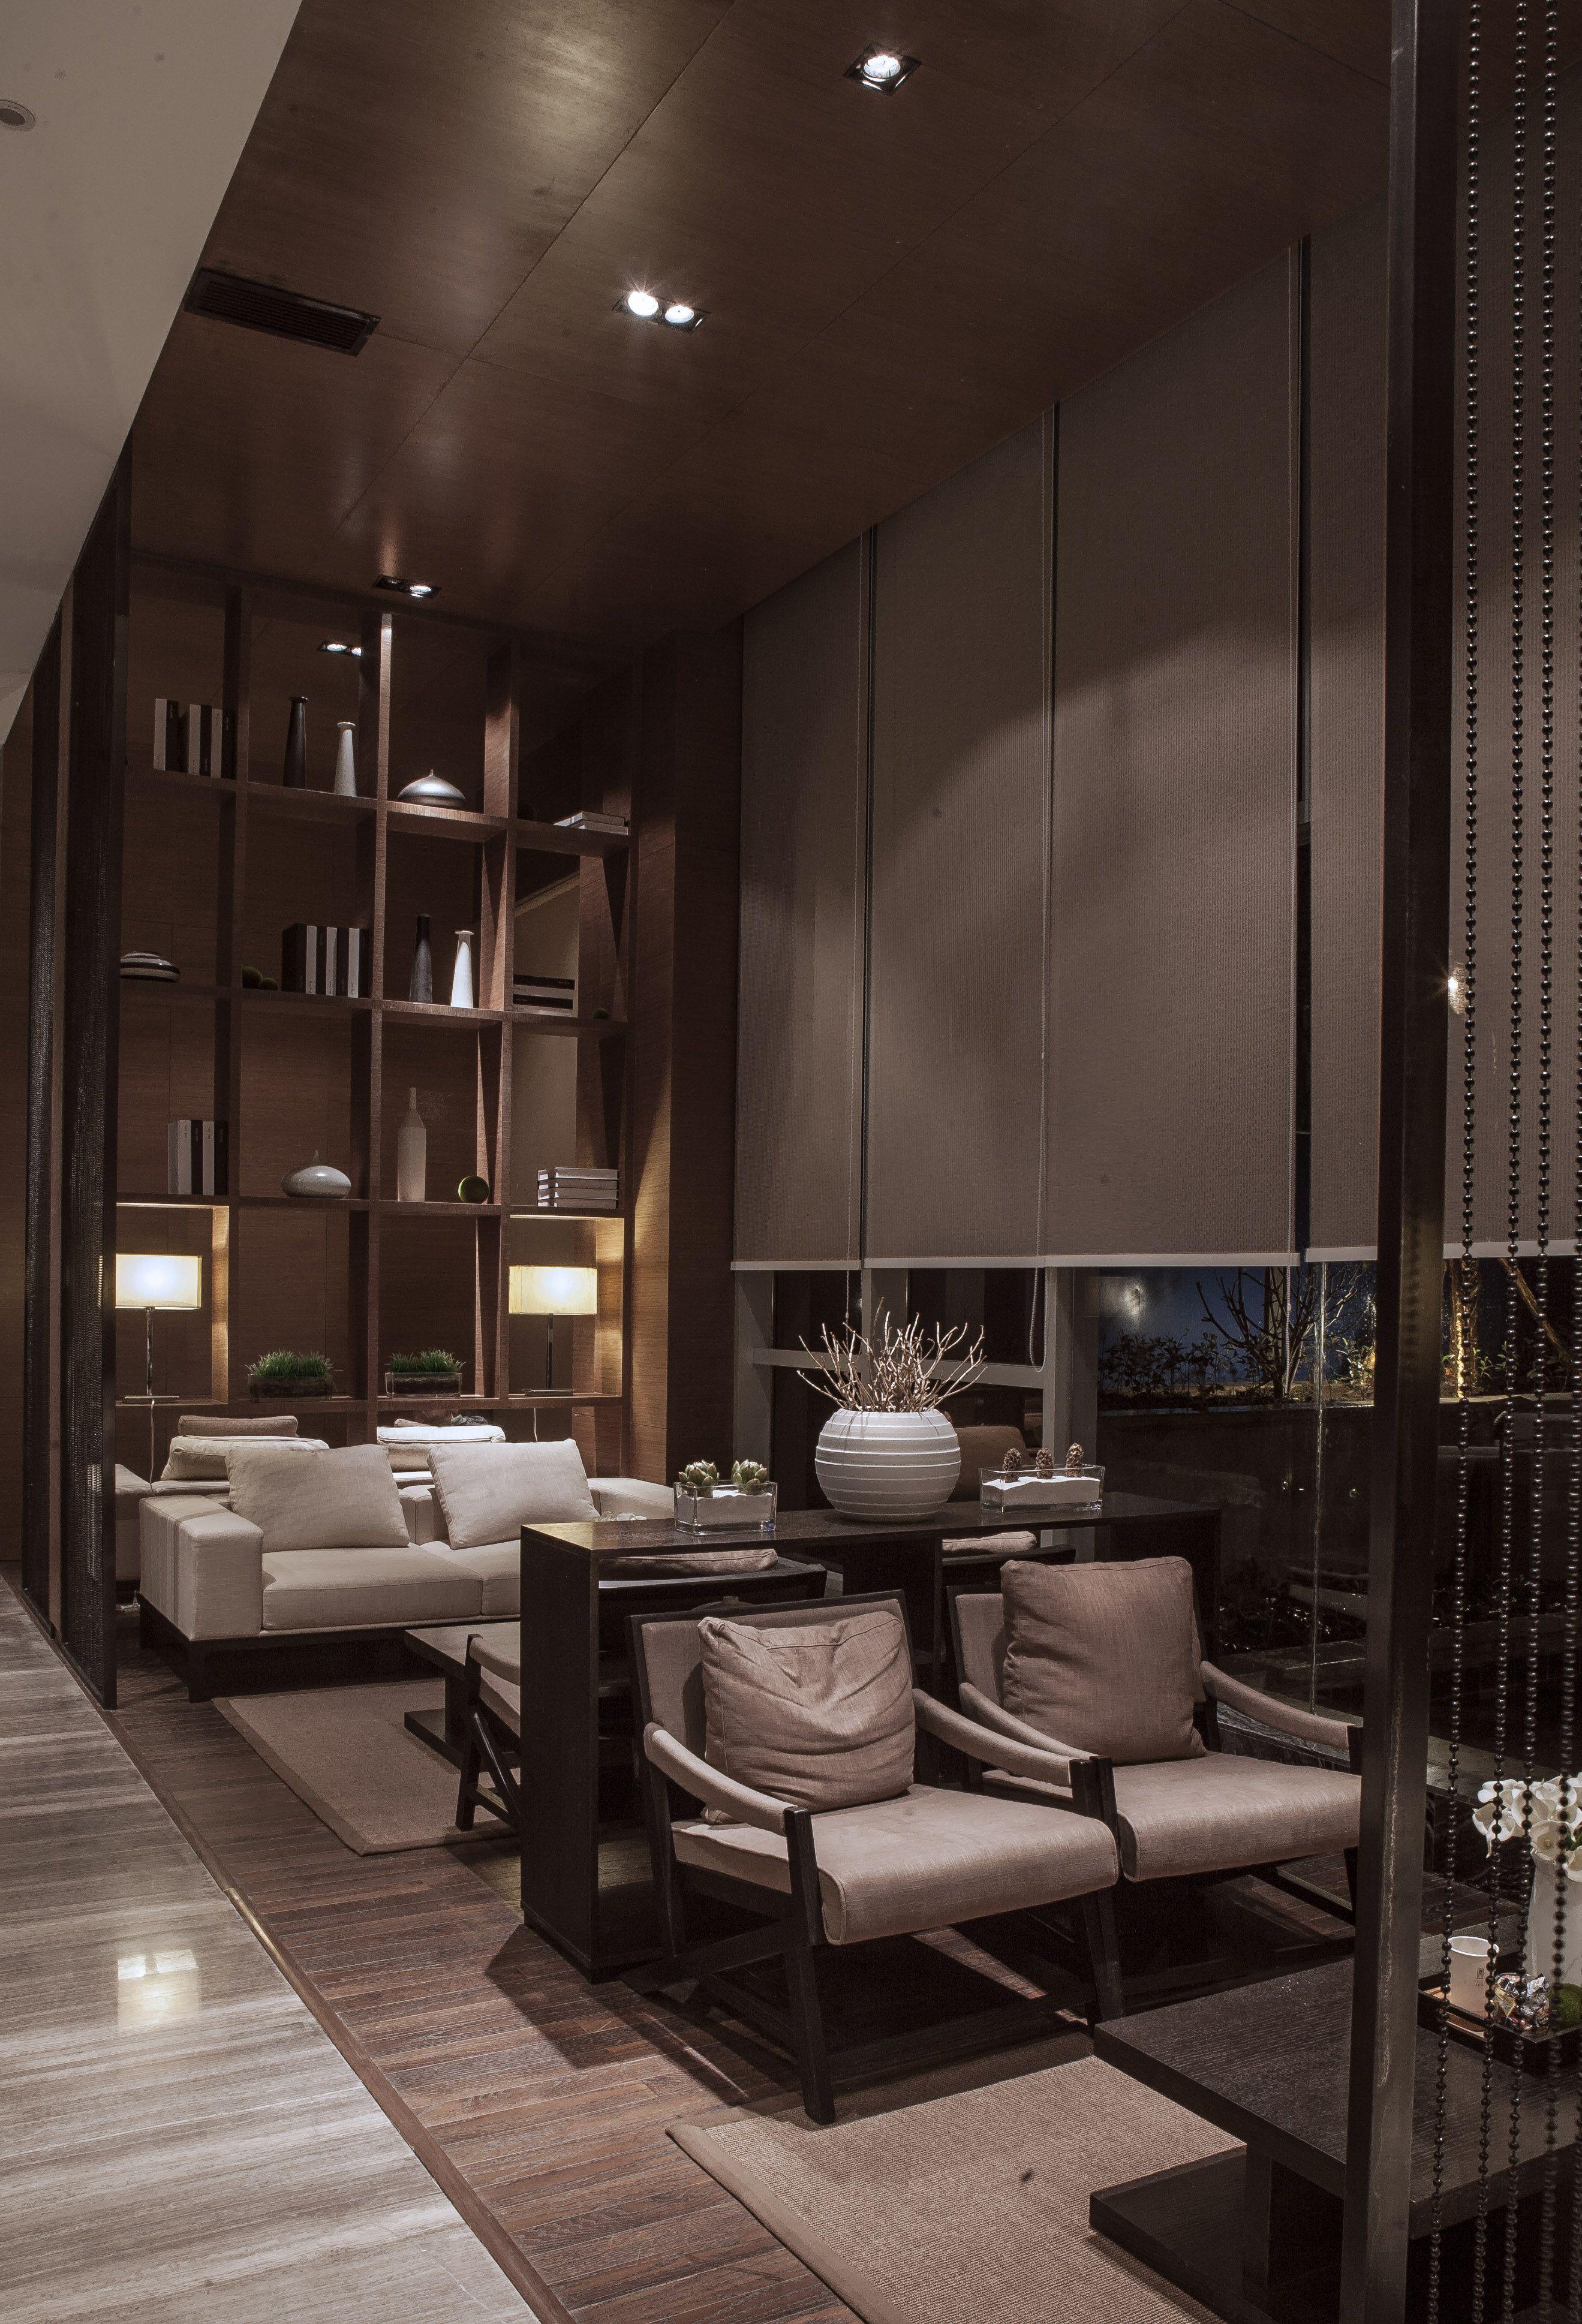 本项目因受工期及成本管控因素,项目空间以建筑商业群楼作为销售场所,从而带来室内空间使用功能受空间结构柱体制约,对与周边同类产品以独立性、单体性、专一性建筑作为销售空间,在外部识别与内部使用上的使用优势,在本案设计思路扬长避短的主导思想,重室内、弱室外。室内分区以结构柱为分割核心,采用对称化对应性化的处理方式,划分空间主次功能,并以空间使用与功能的主次流线,结合建筑采光依次设置空间使用功能。同时通过空间块面凹凸造型、利用材质本身色泽,质感属性结合平面功能区域划,以转折、围合的手法区分功能。针对周边同类项目销